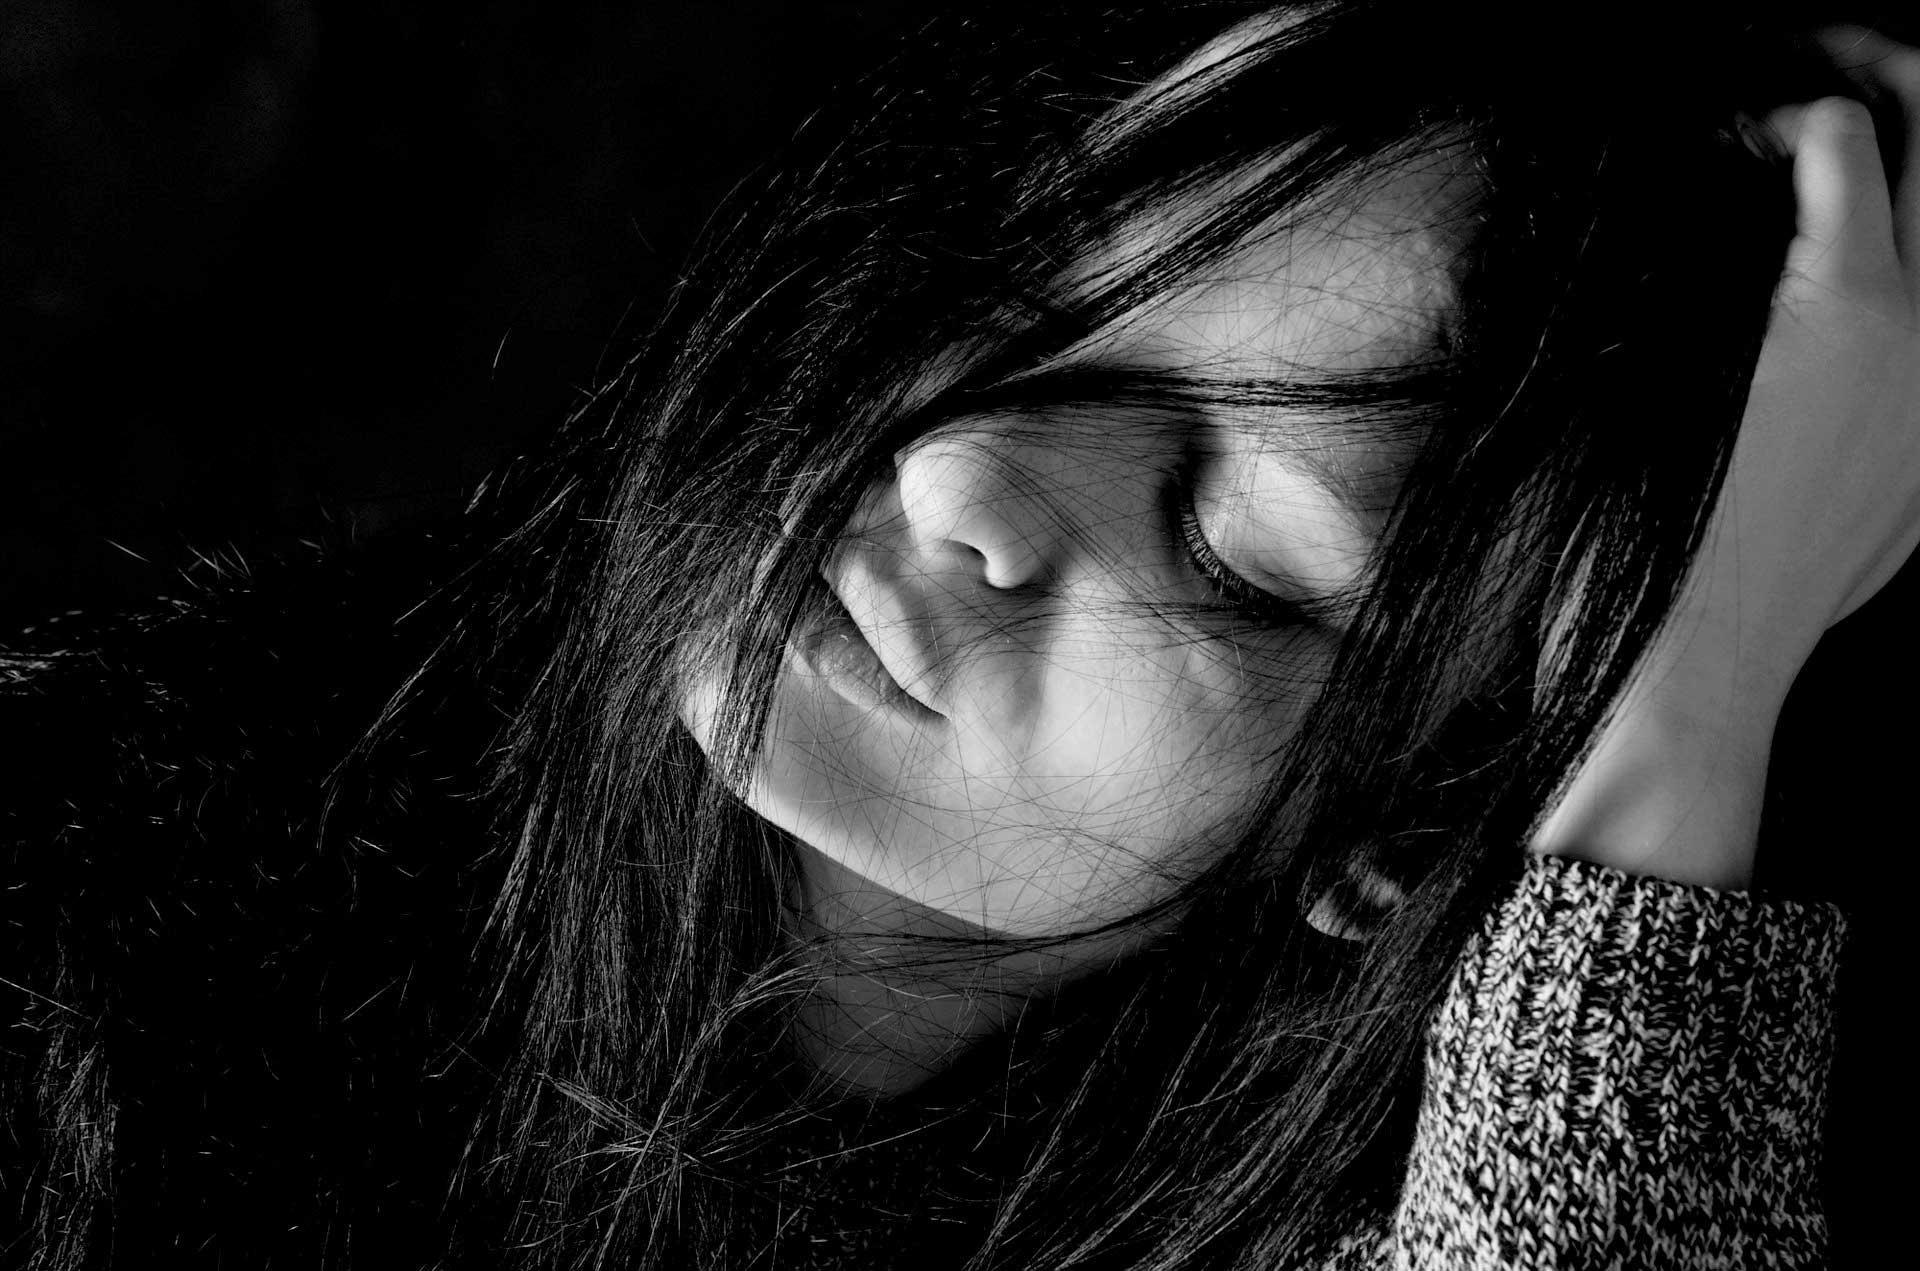 بالصور صور حزينه بنات , شاهد بالصور صدمات البنات العاطفية 418 5